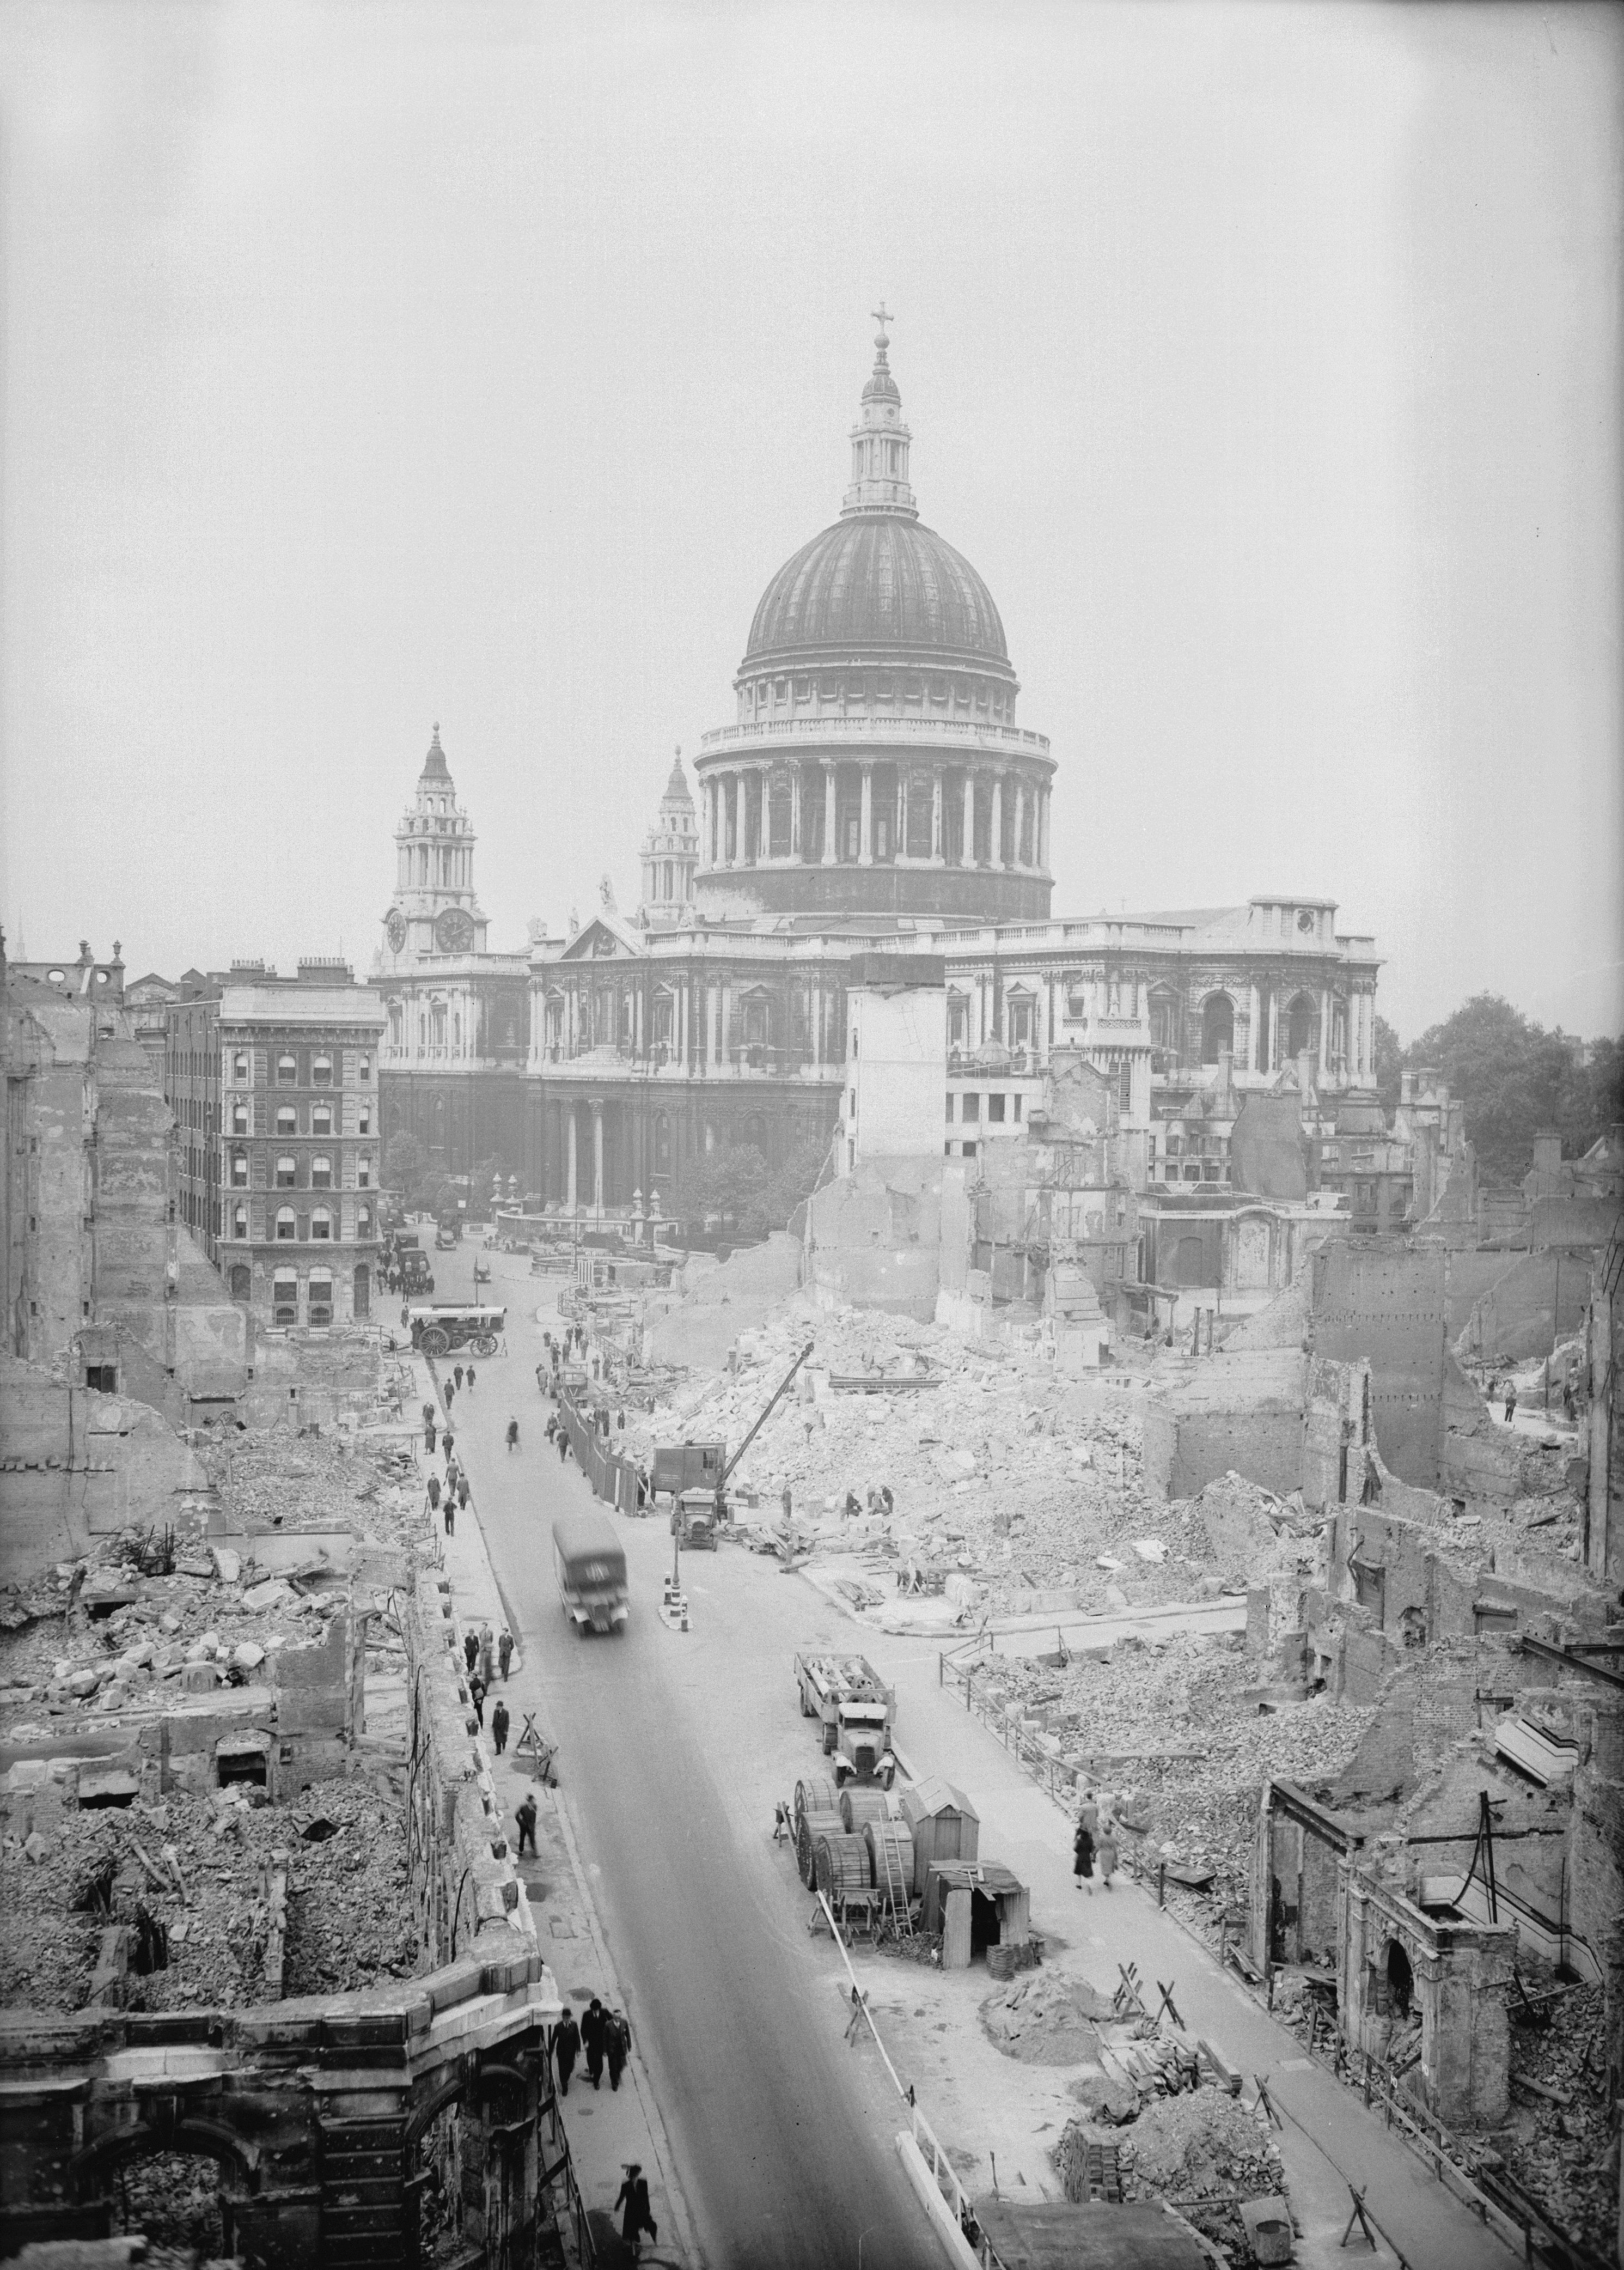 3. 17 пъти по-малко часове са траeли бомбардировките над Лондон по време на Втората световна война